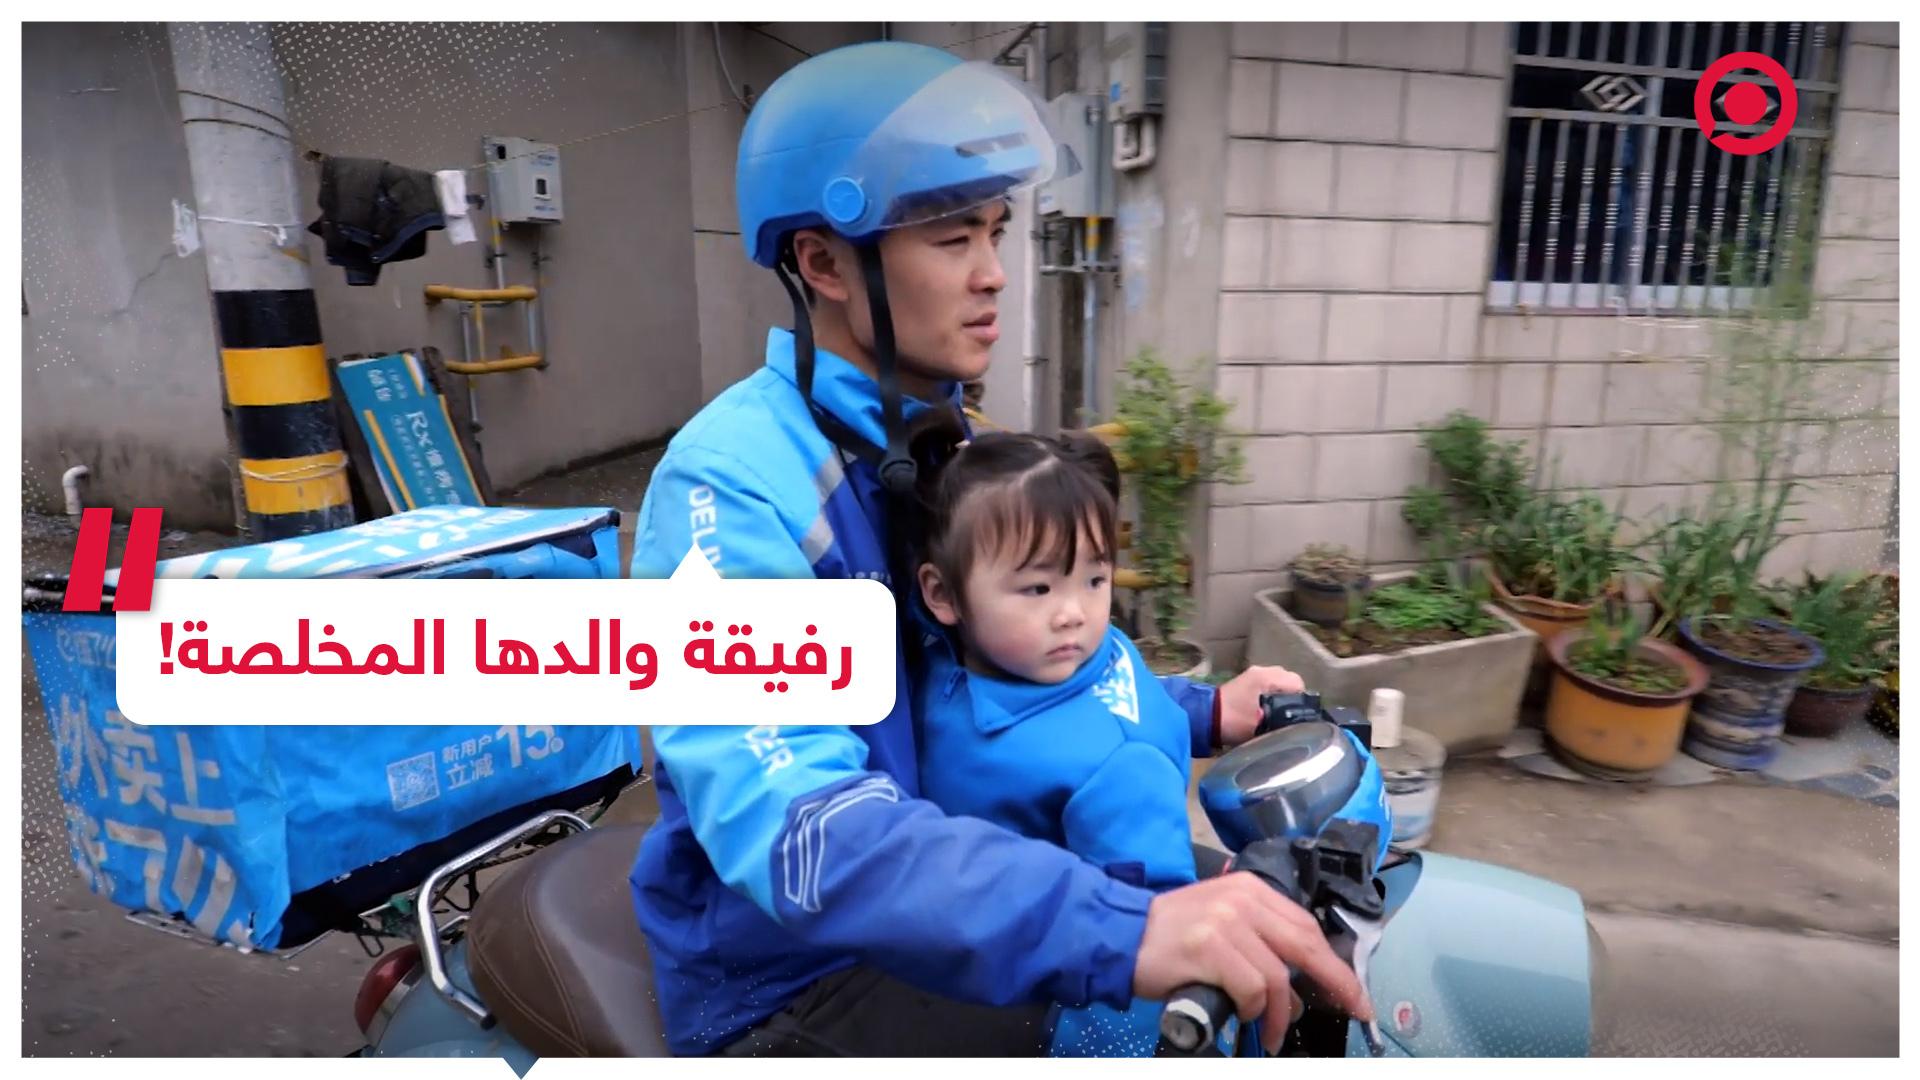 عامل توصيل يصطحب ابنته الصغيرة للعمل بسبب سوء وضعه المادي